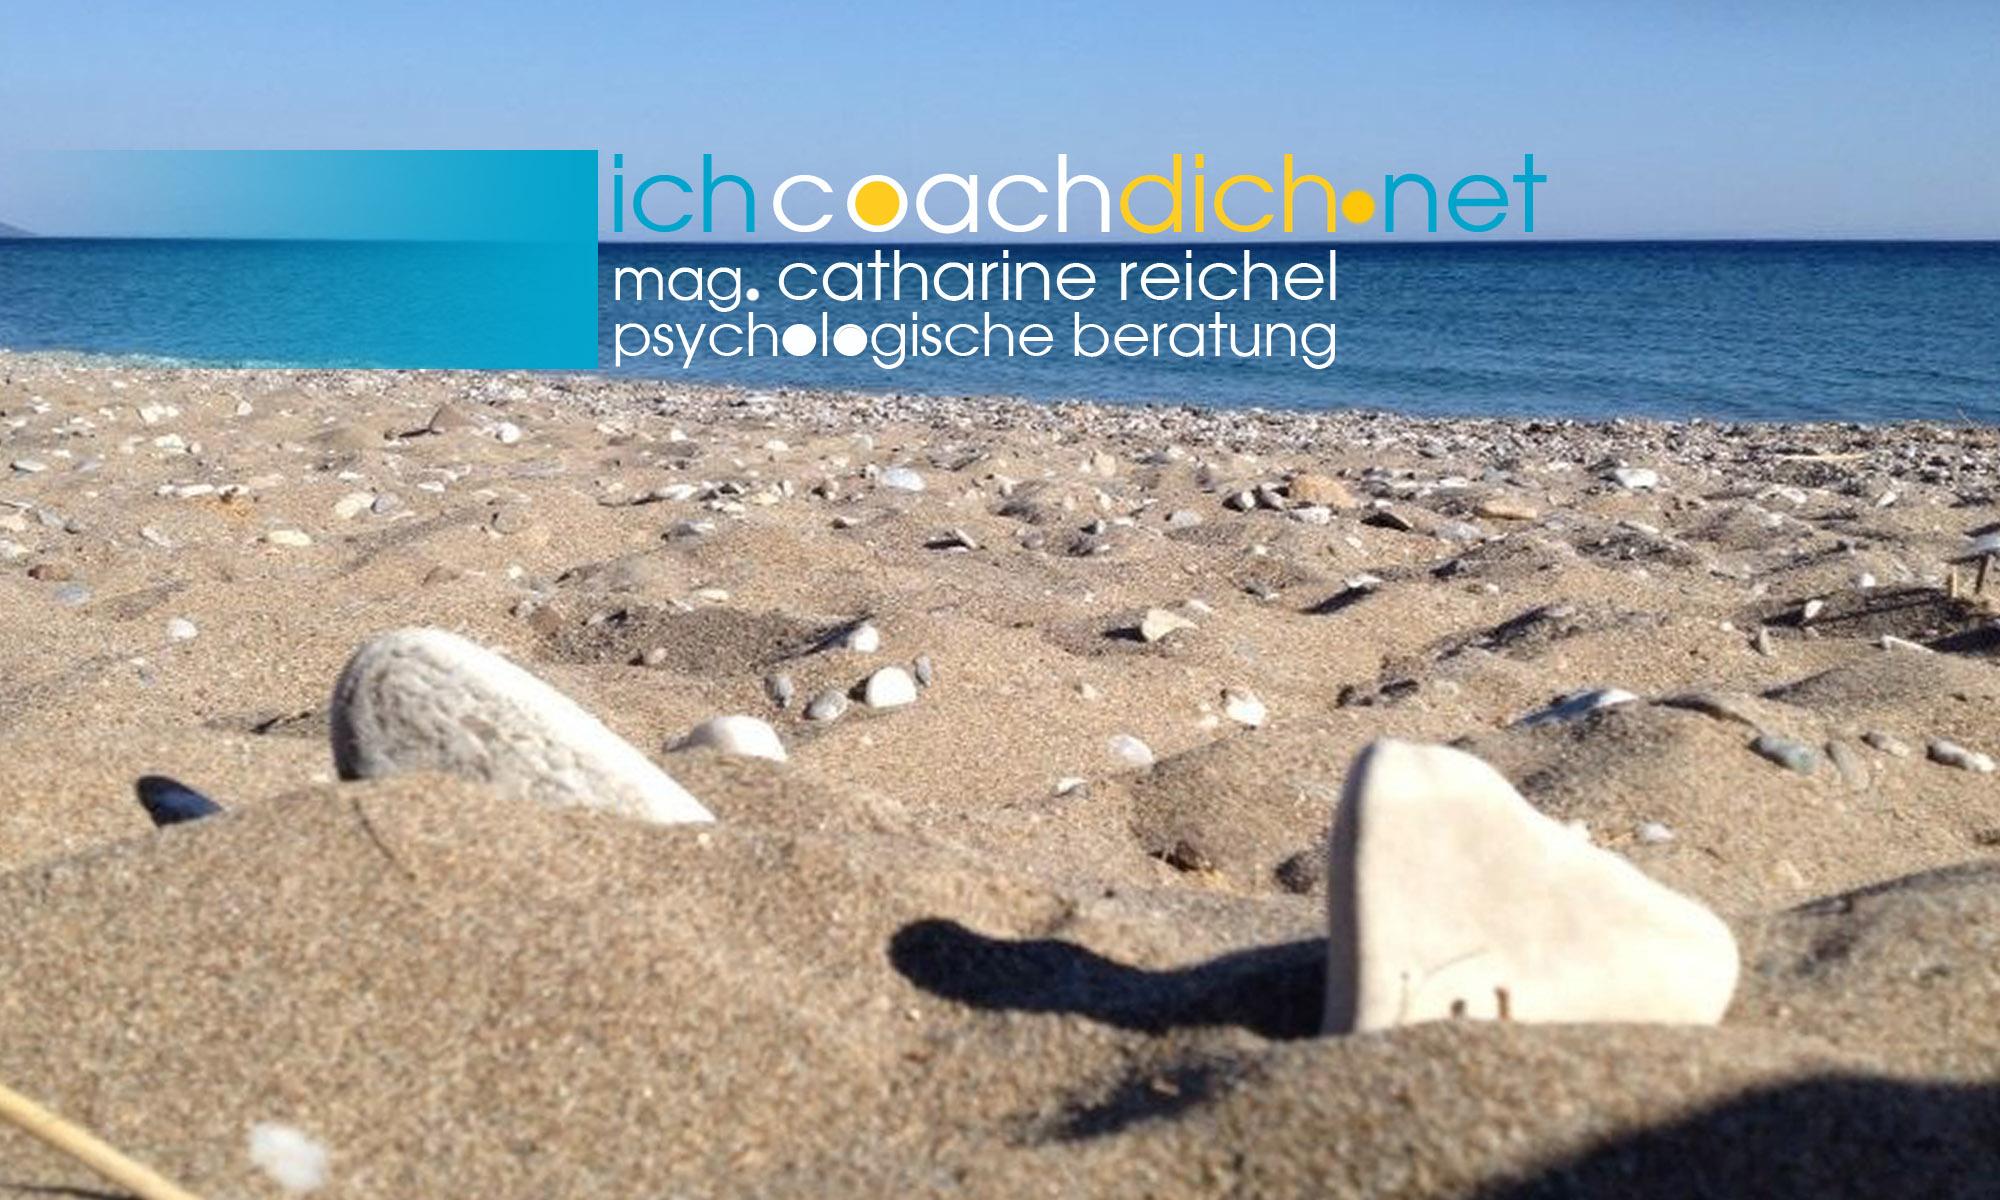 Mag. Catharine Reichel